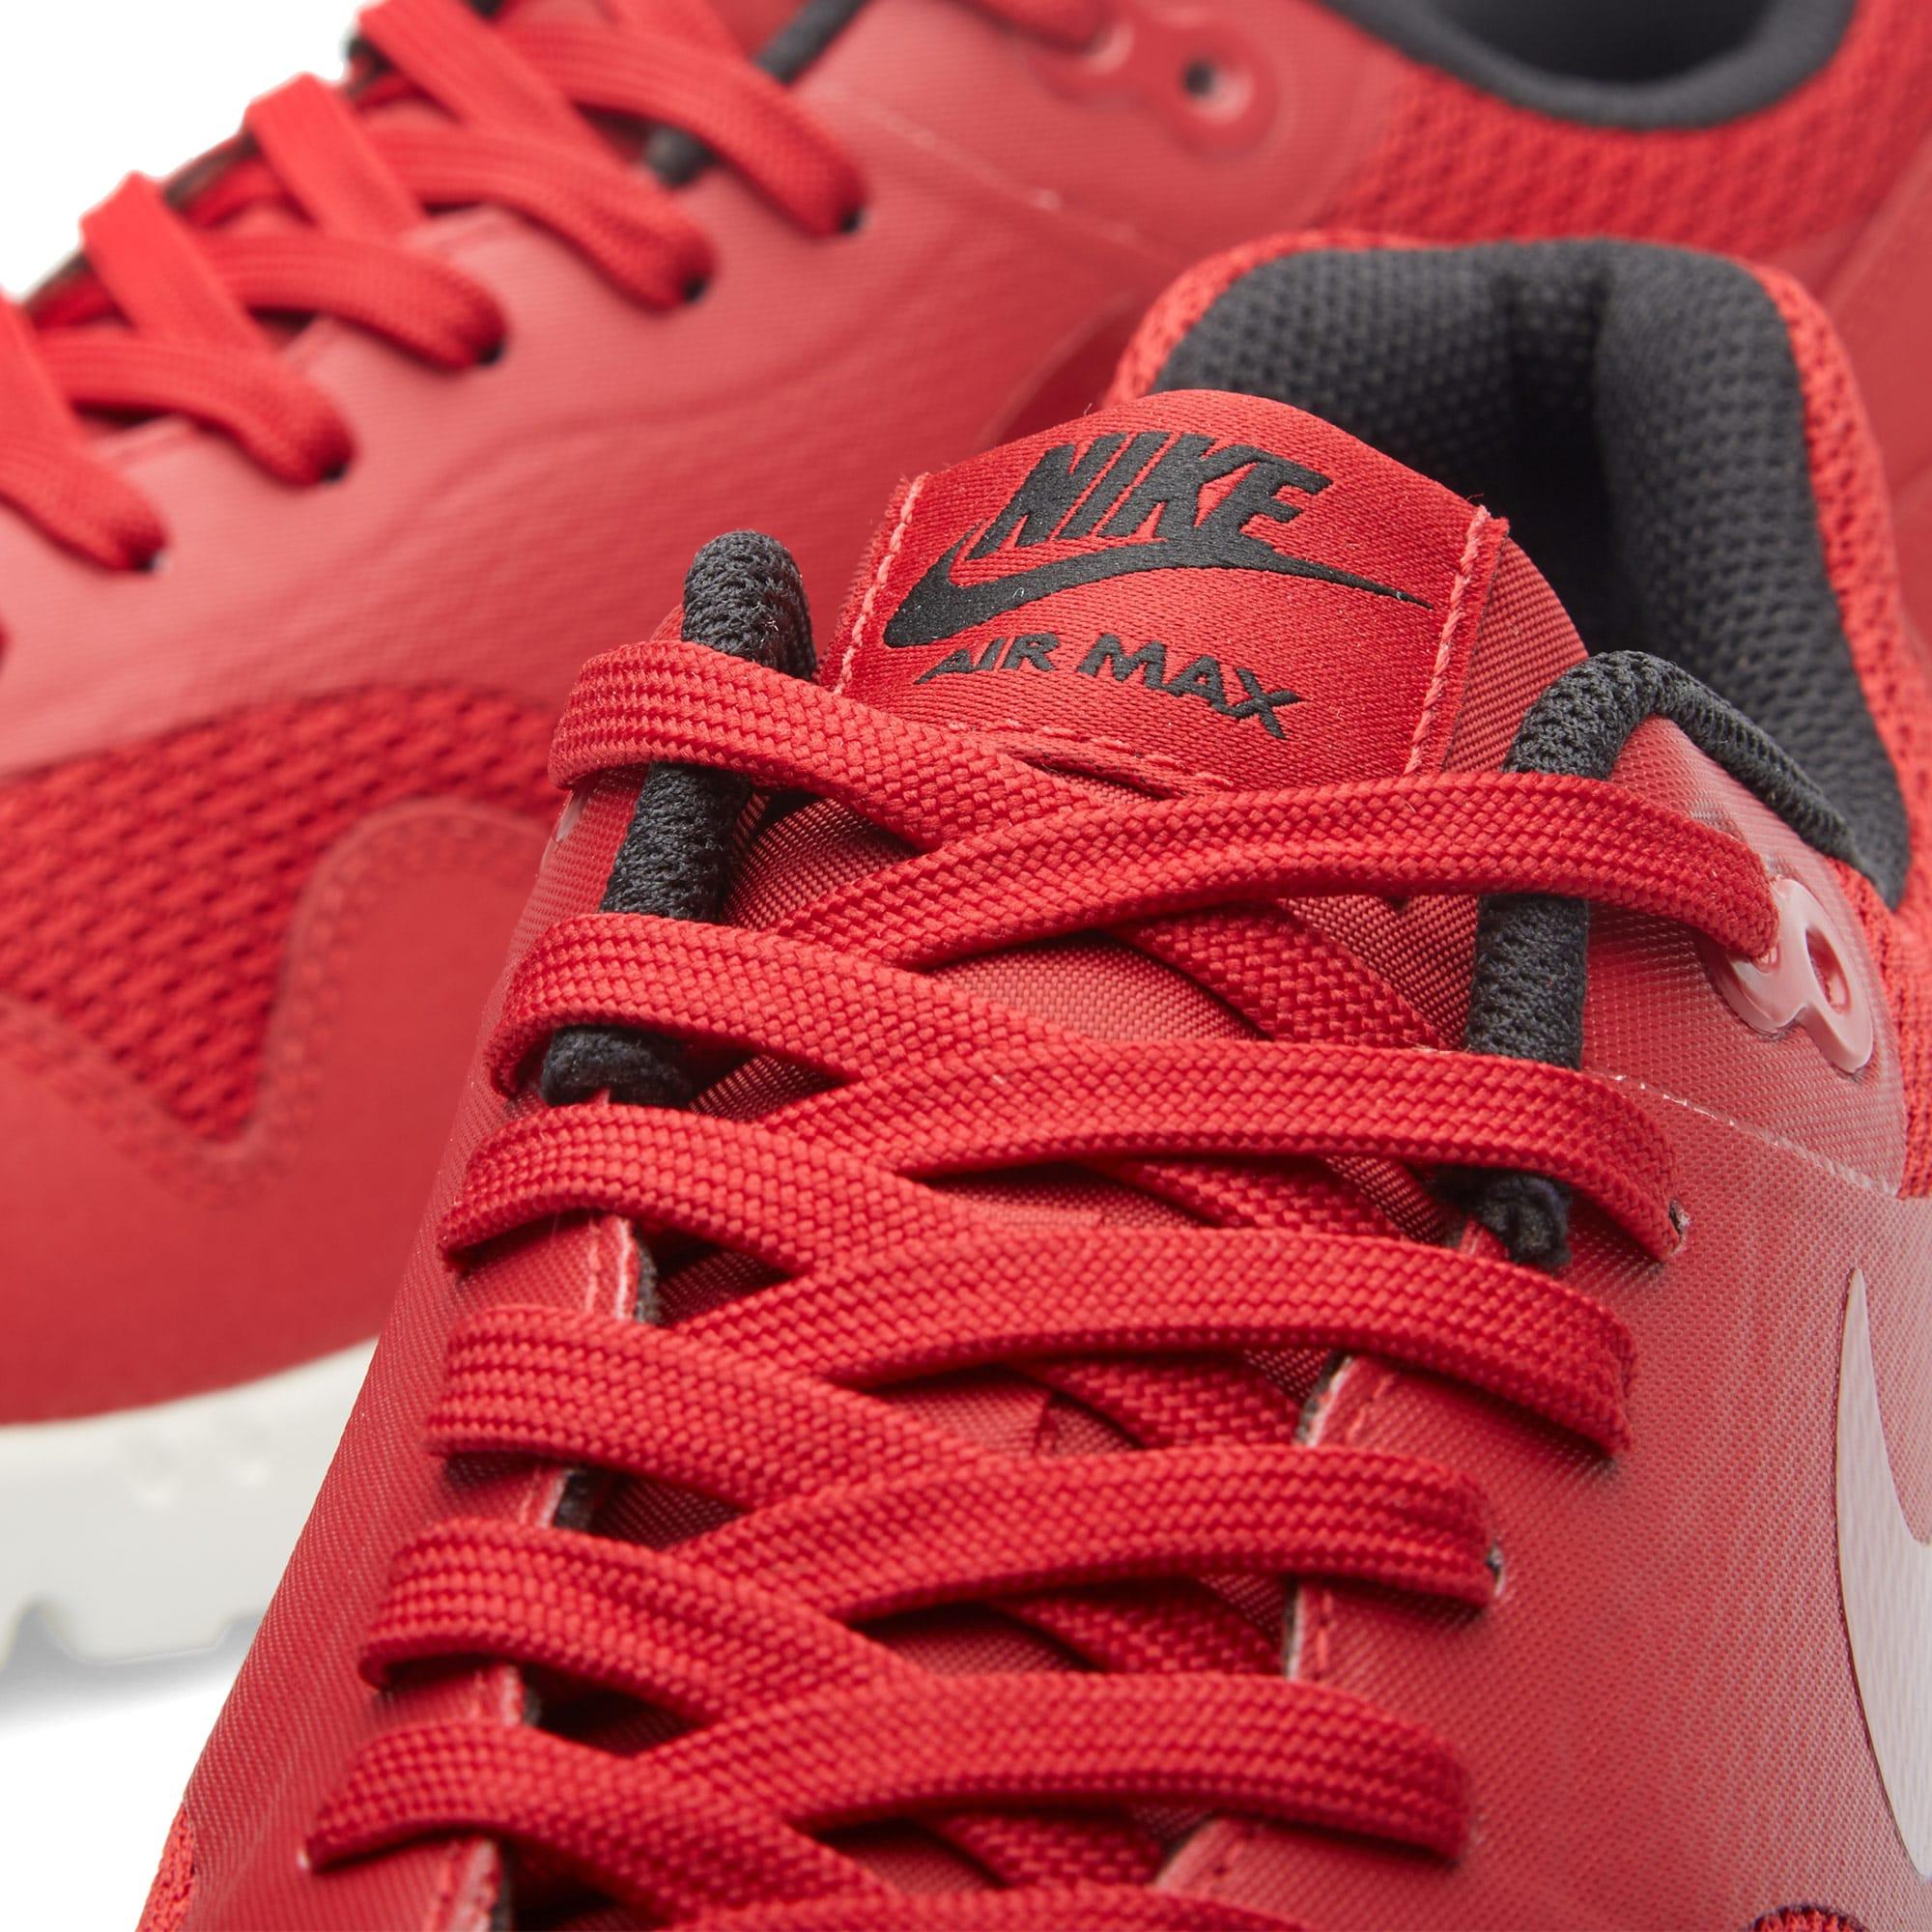 Nike Air Max 1 Ultra Moire Sail Gym Red Black W Essential